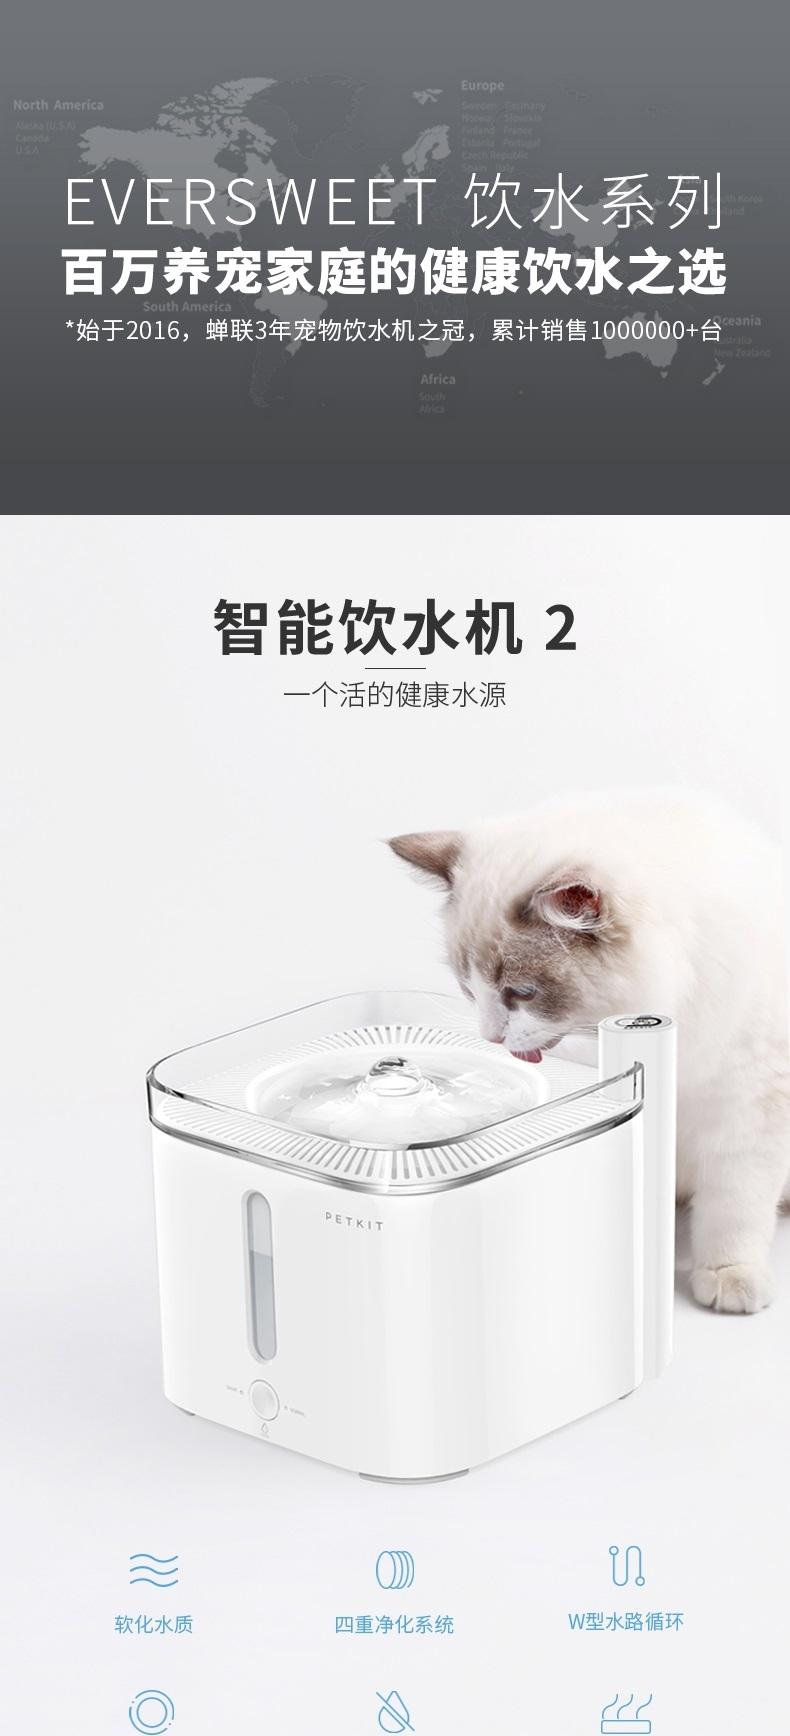 小佩Petkit 宠物智能饮水机二代  净化加温二合一 犬猫通用